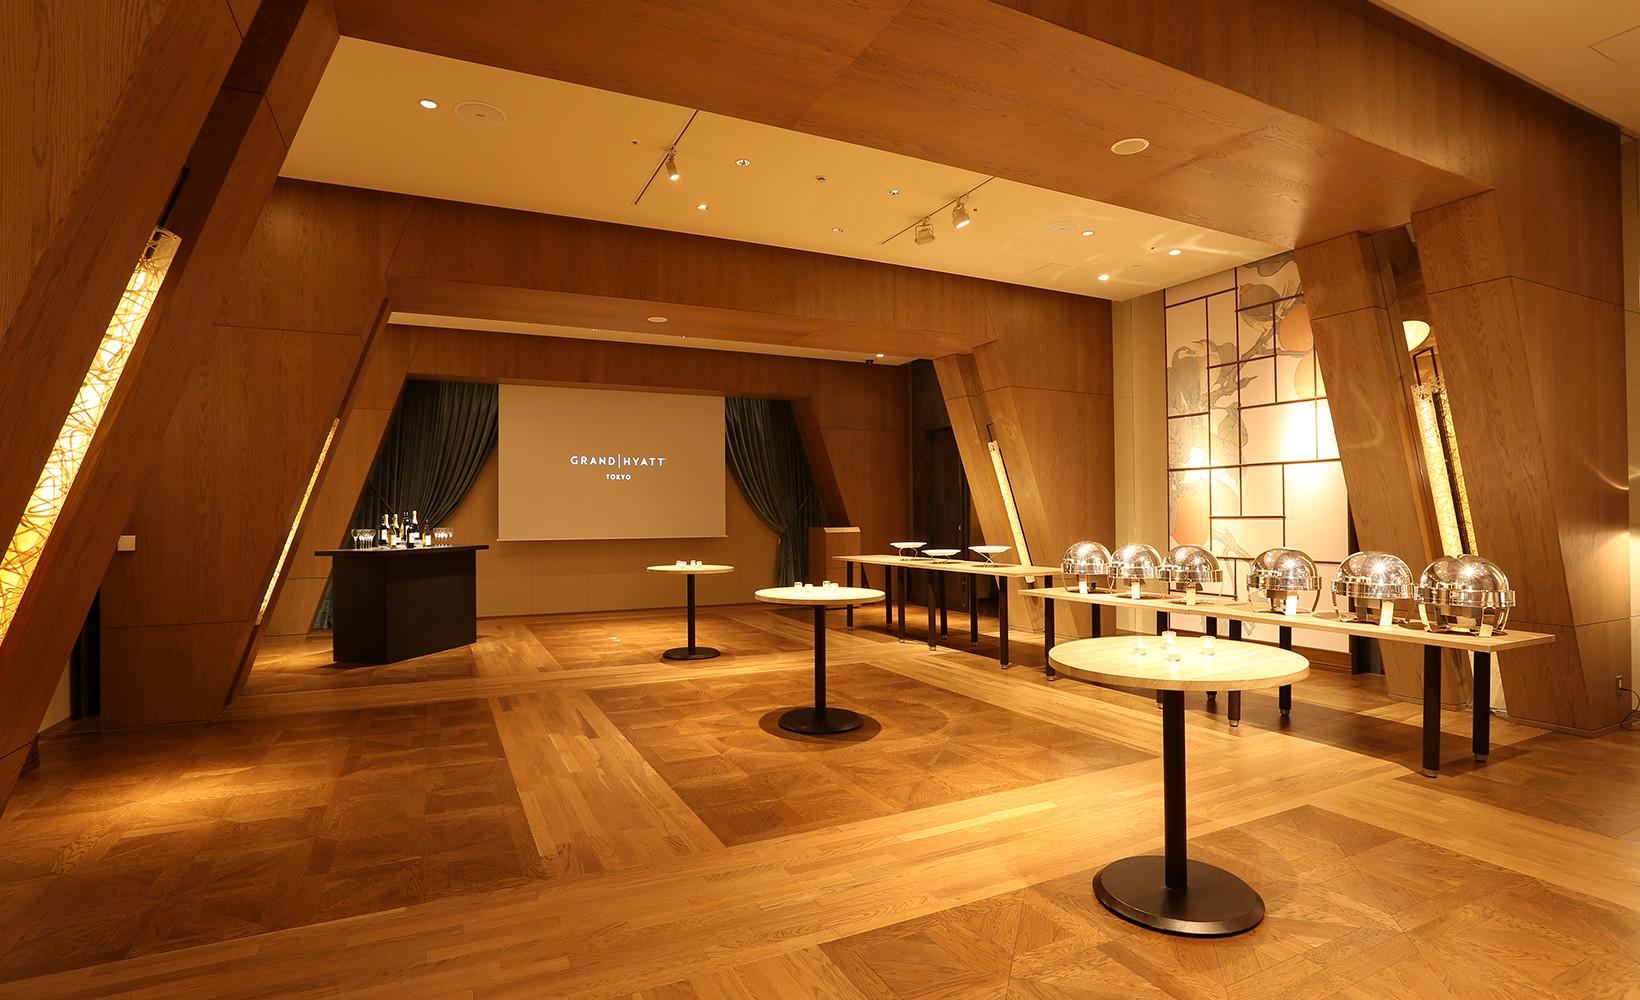 Drawing Room Meetings Amp Events Grand Hyatt Tokyo